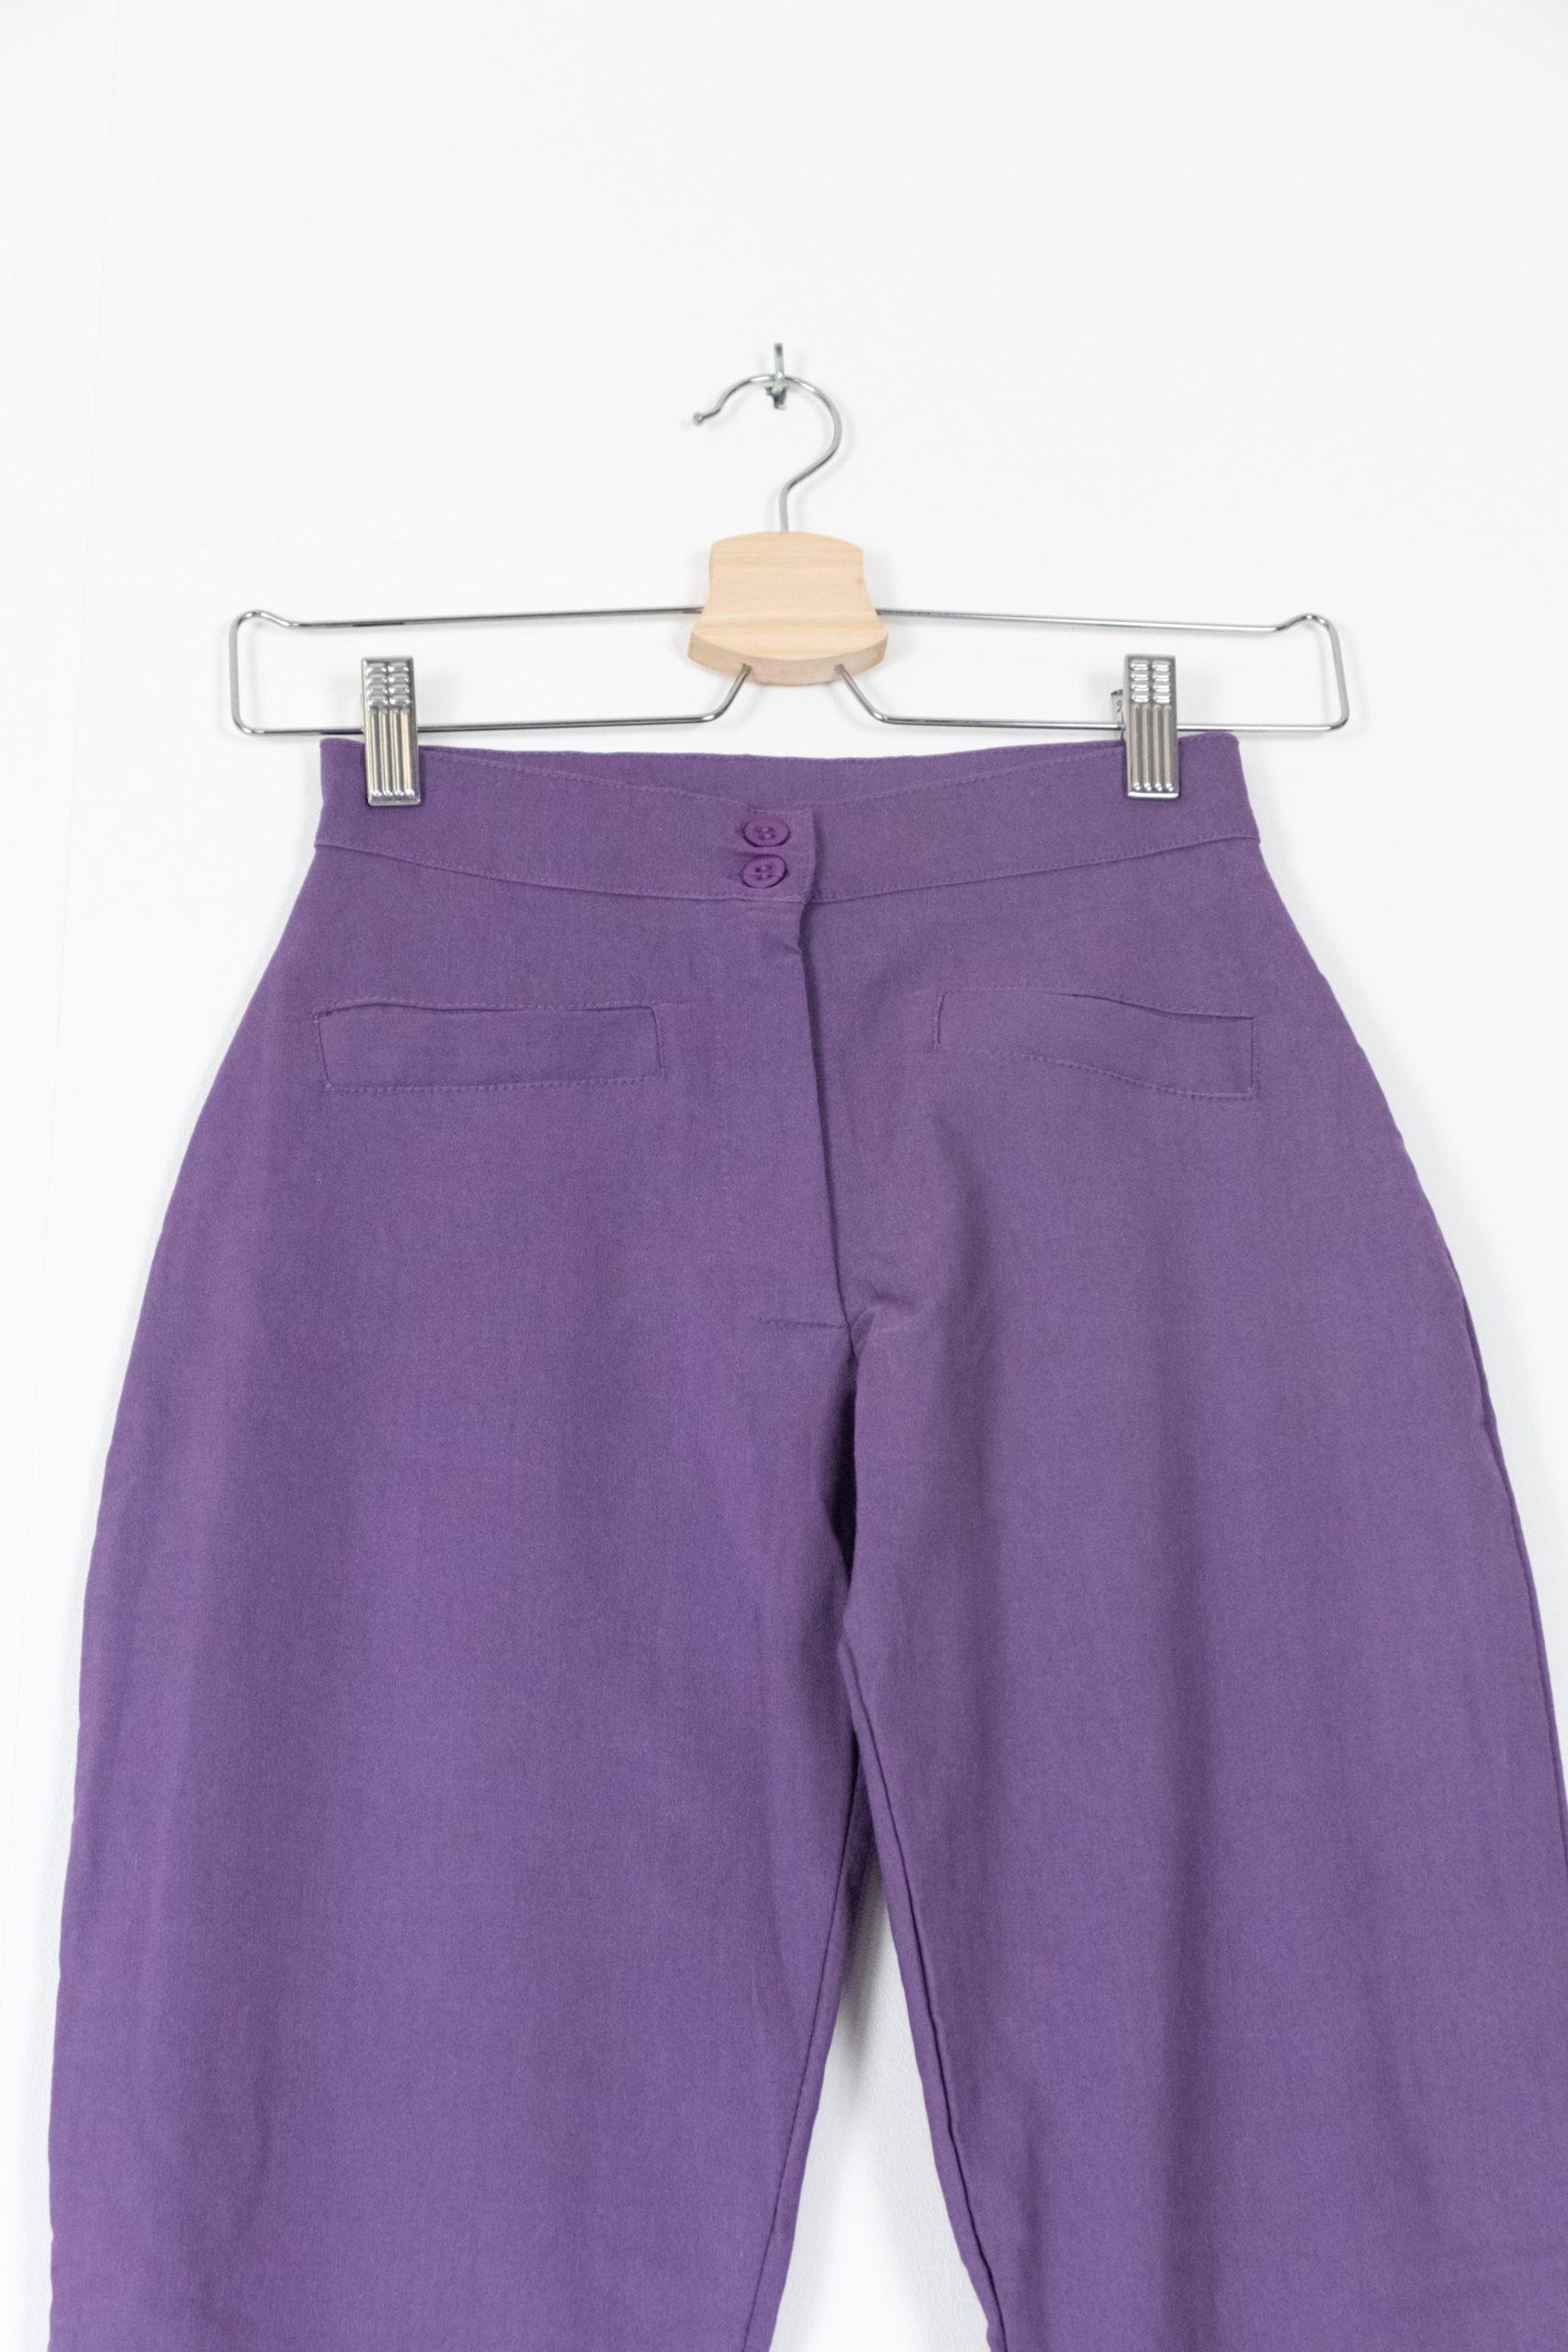 pantalon violet (1)